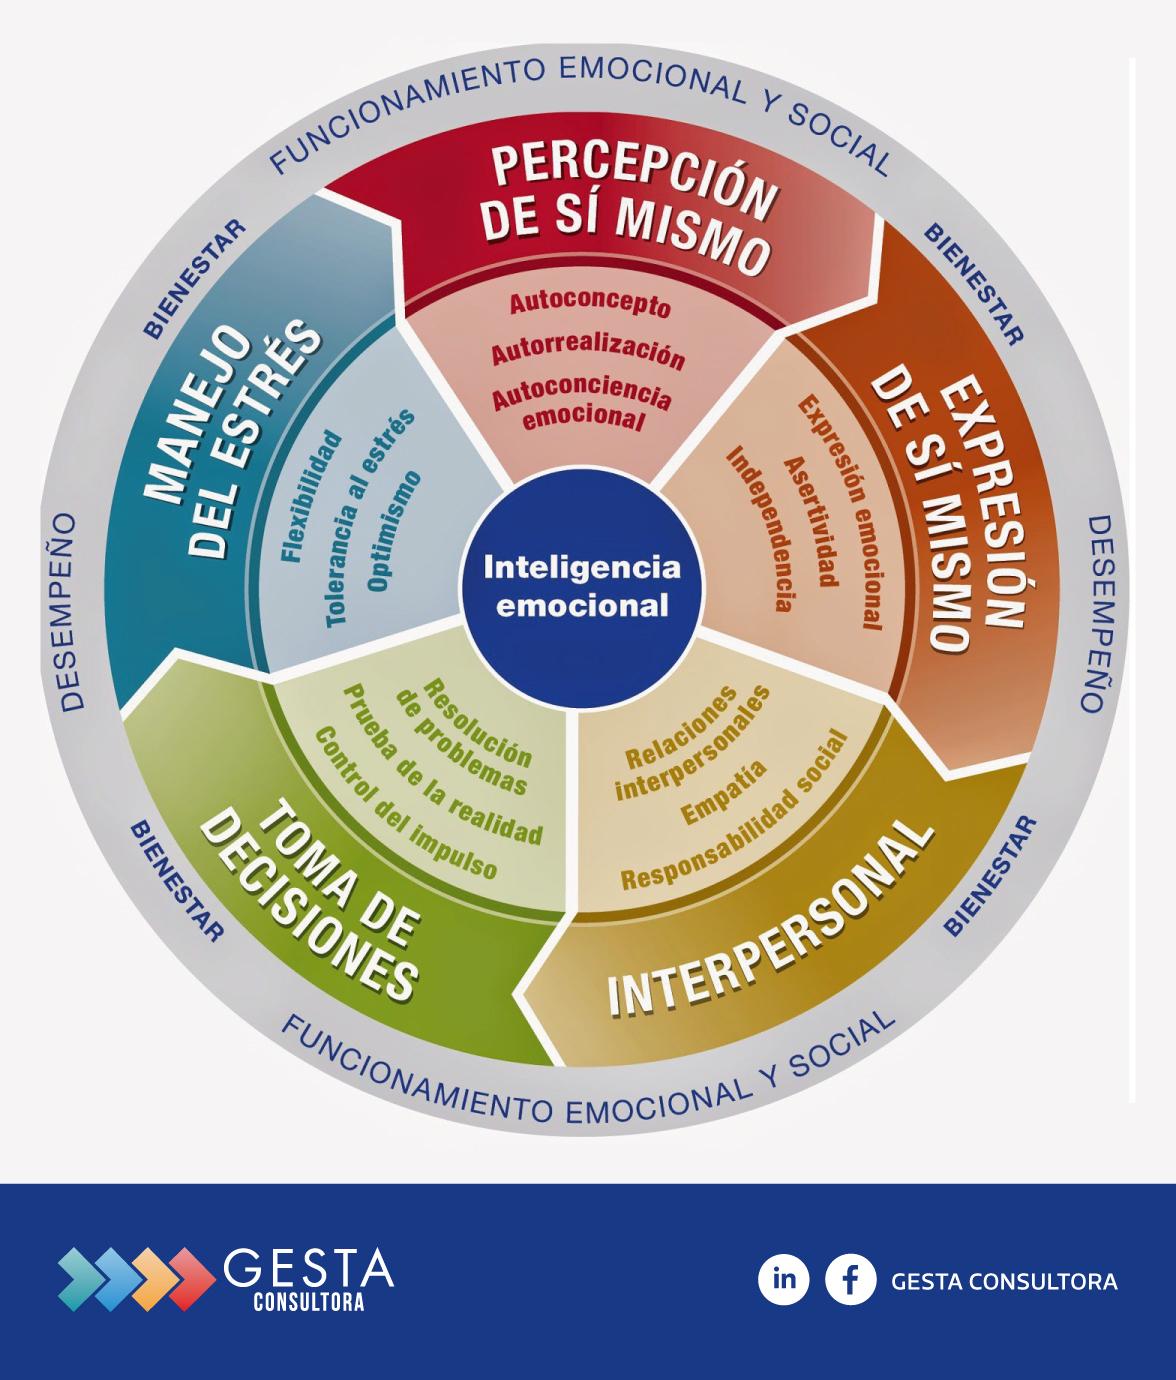 RRHH, Recursos Humanos, competencias inteligencia emocional, inteligencia emosional, personas con alta inteligencia emocional